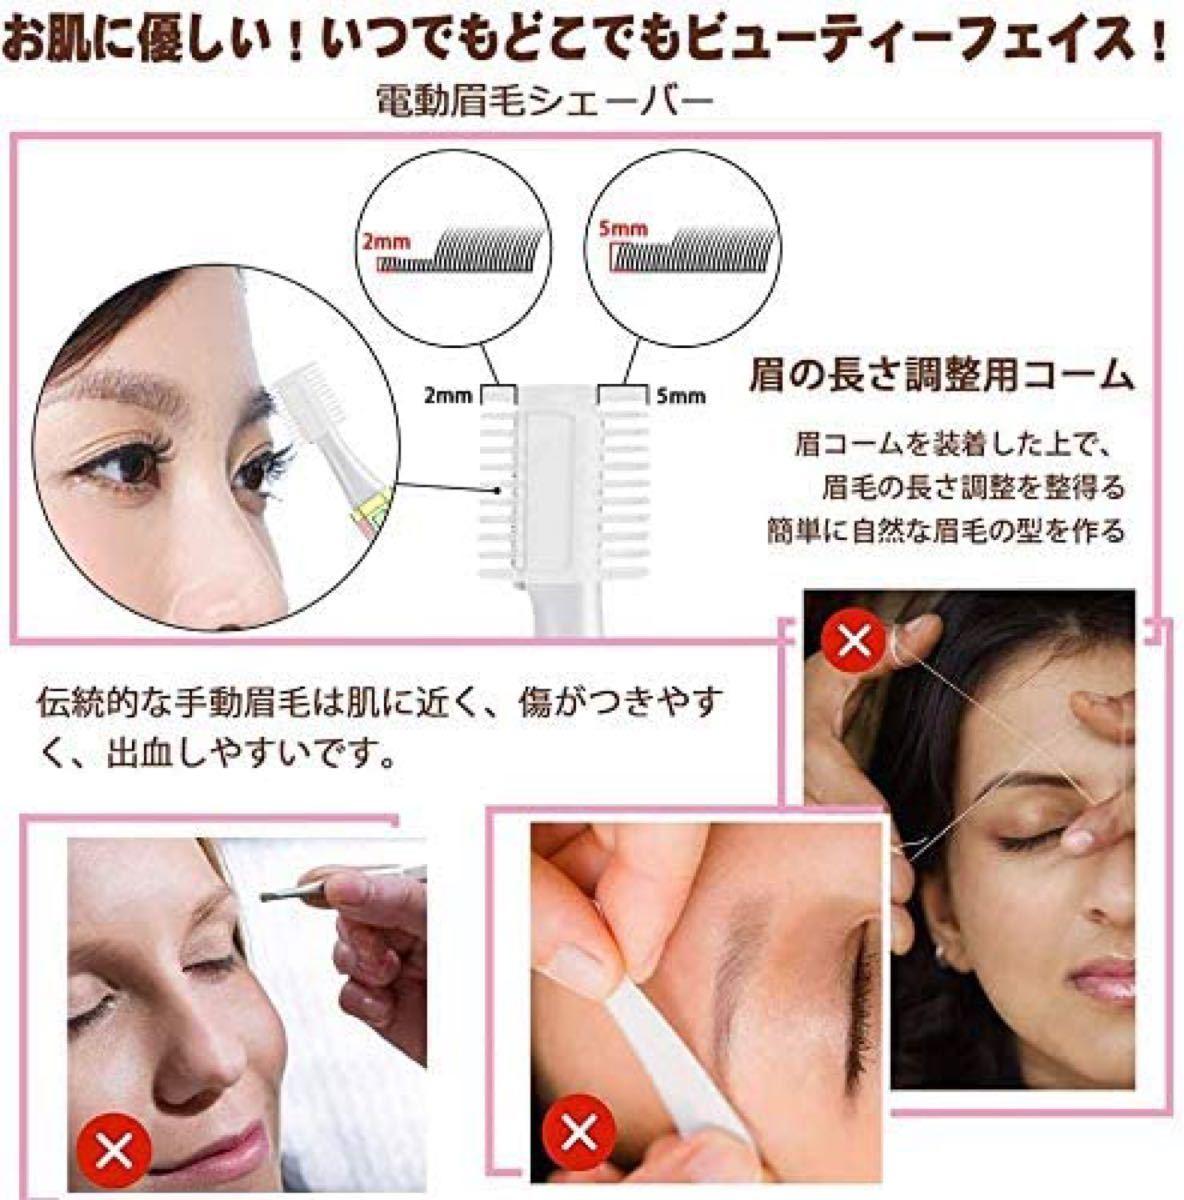 新品 眉毛シェーバー 眉毛カッター 充電式 電動 ユコーム付き 水洗い可能 2点セット